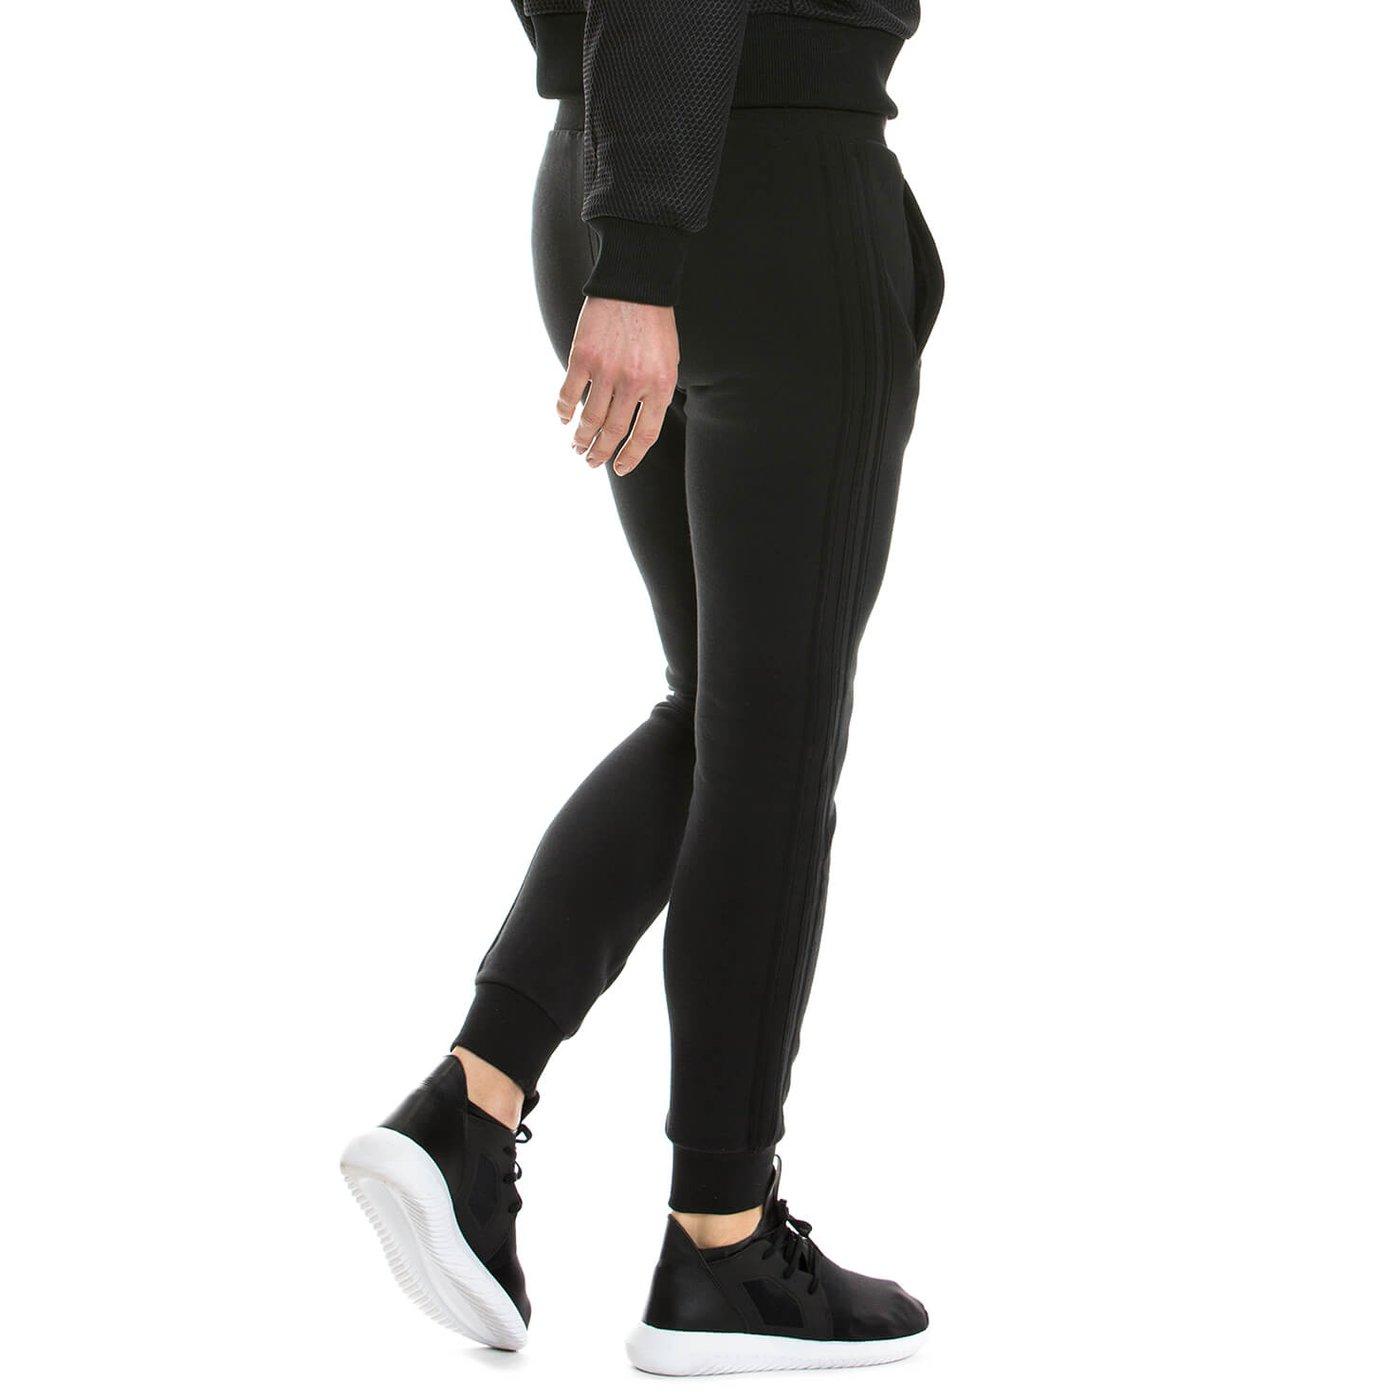 adidas Slim Cuf Kadın Siyah Eşofman Altı